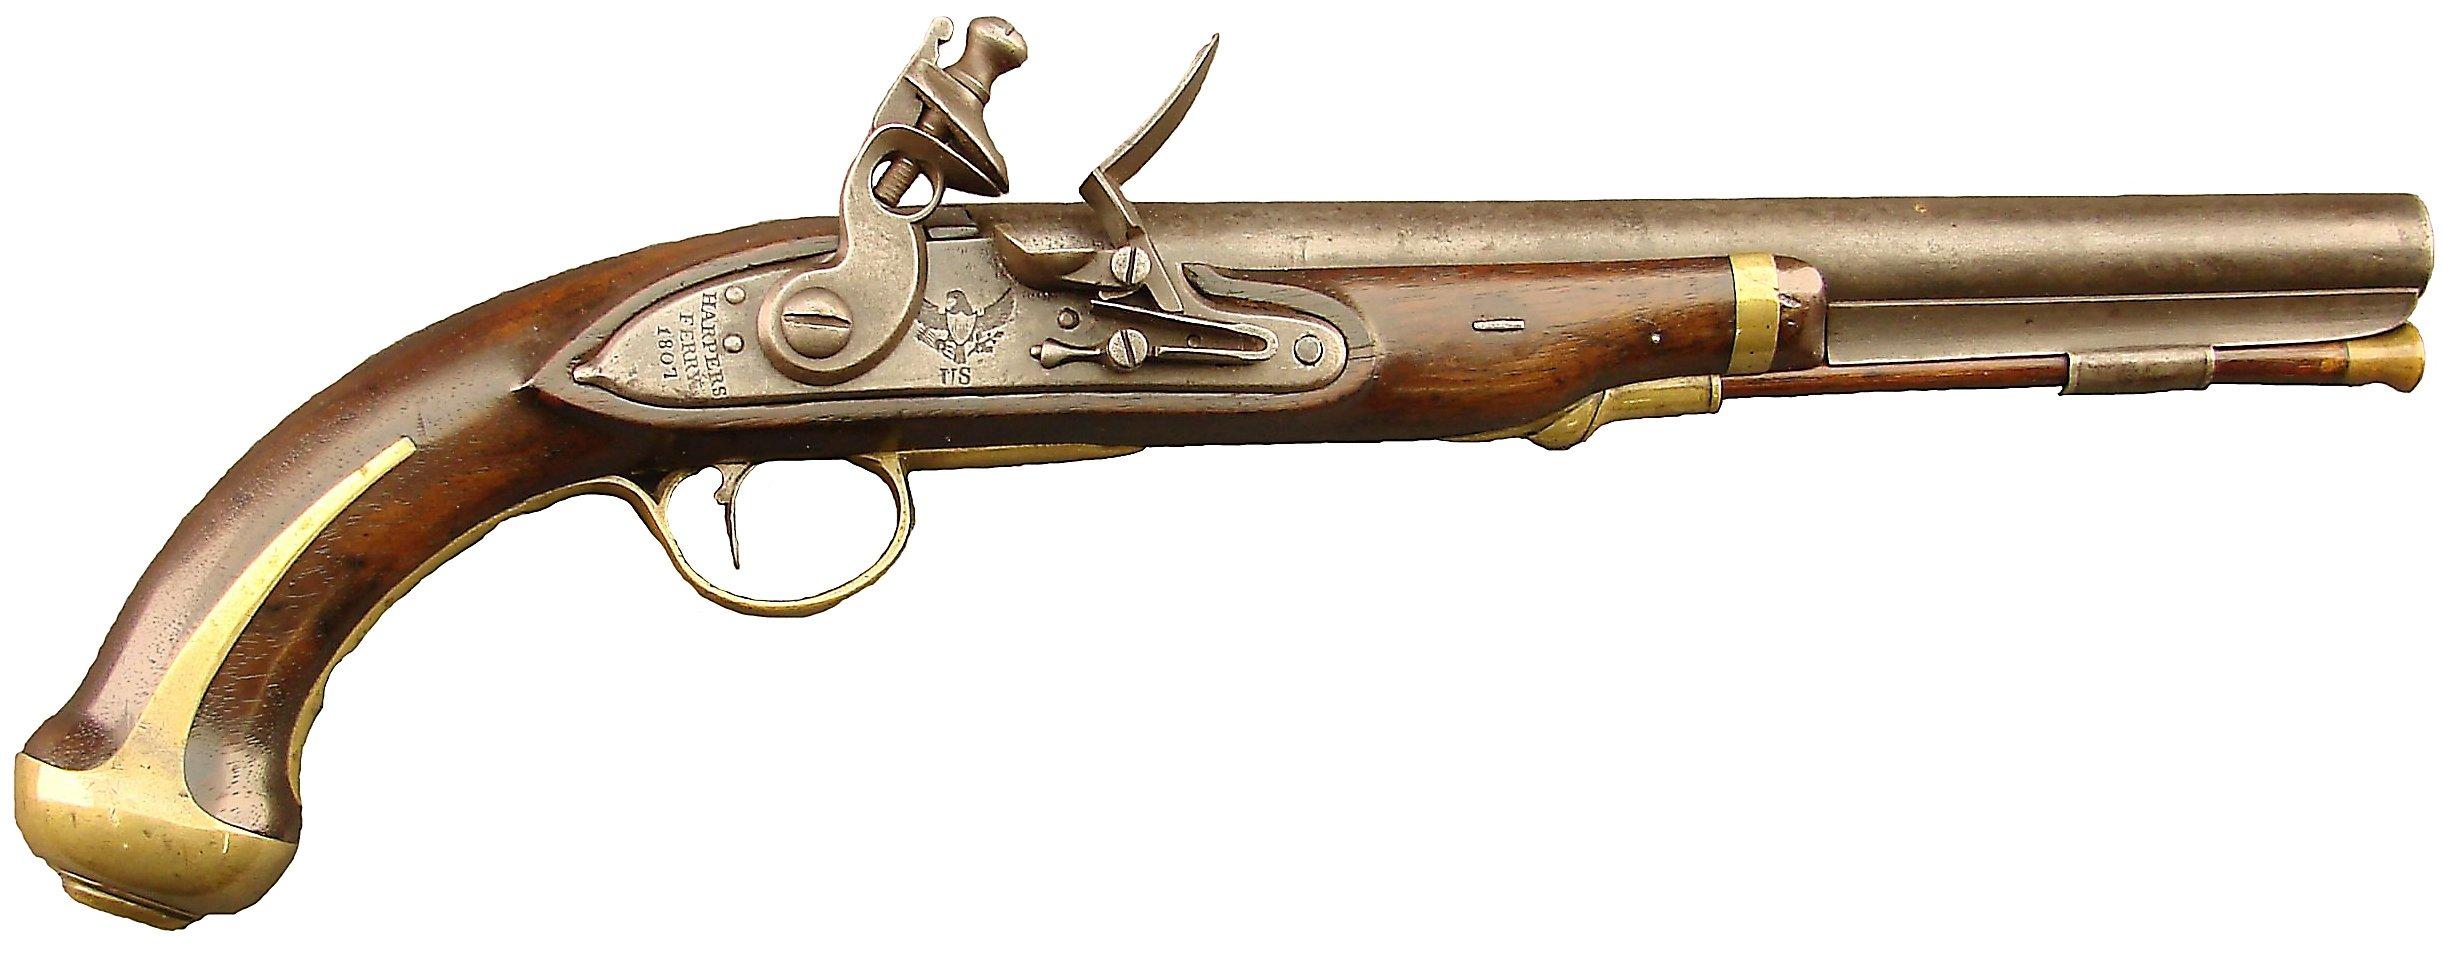 gun weapon guns weapons handgun